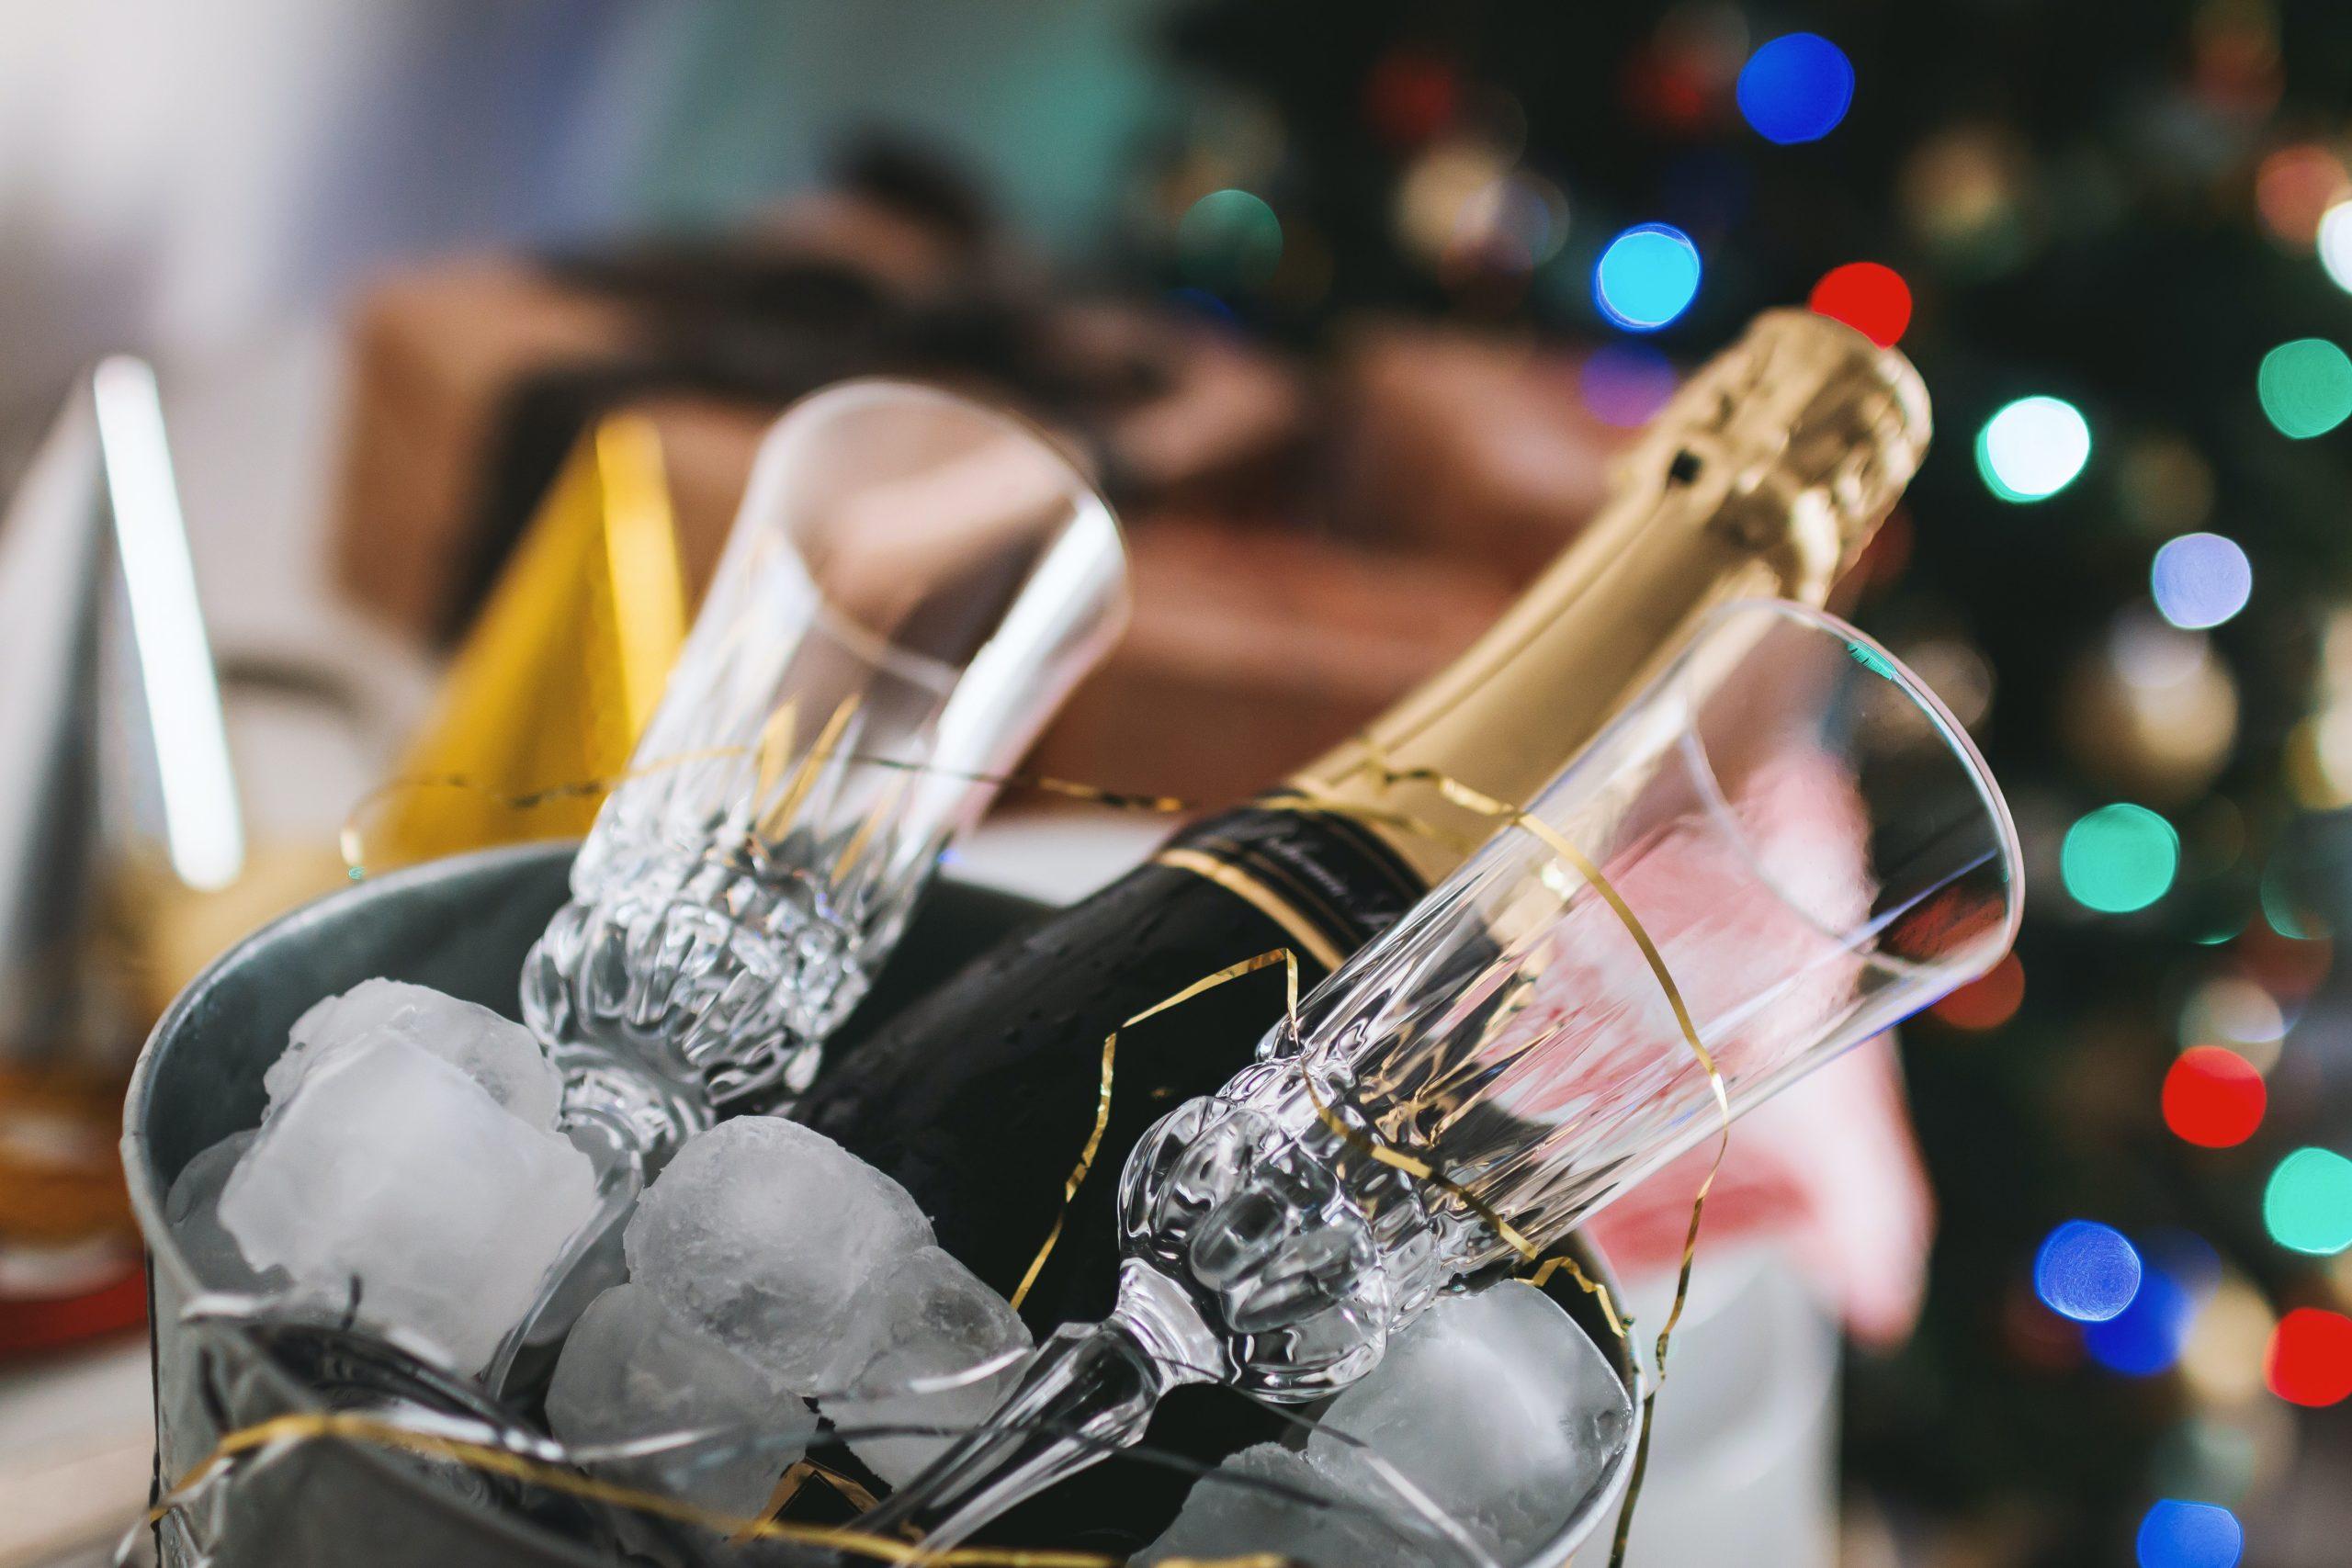 Champagne pour les fêtes de fin d'année